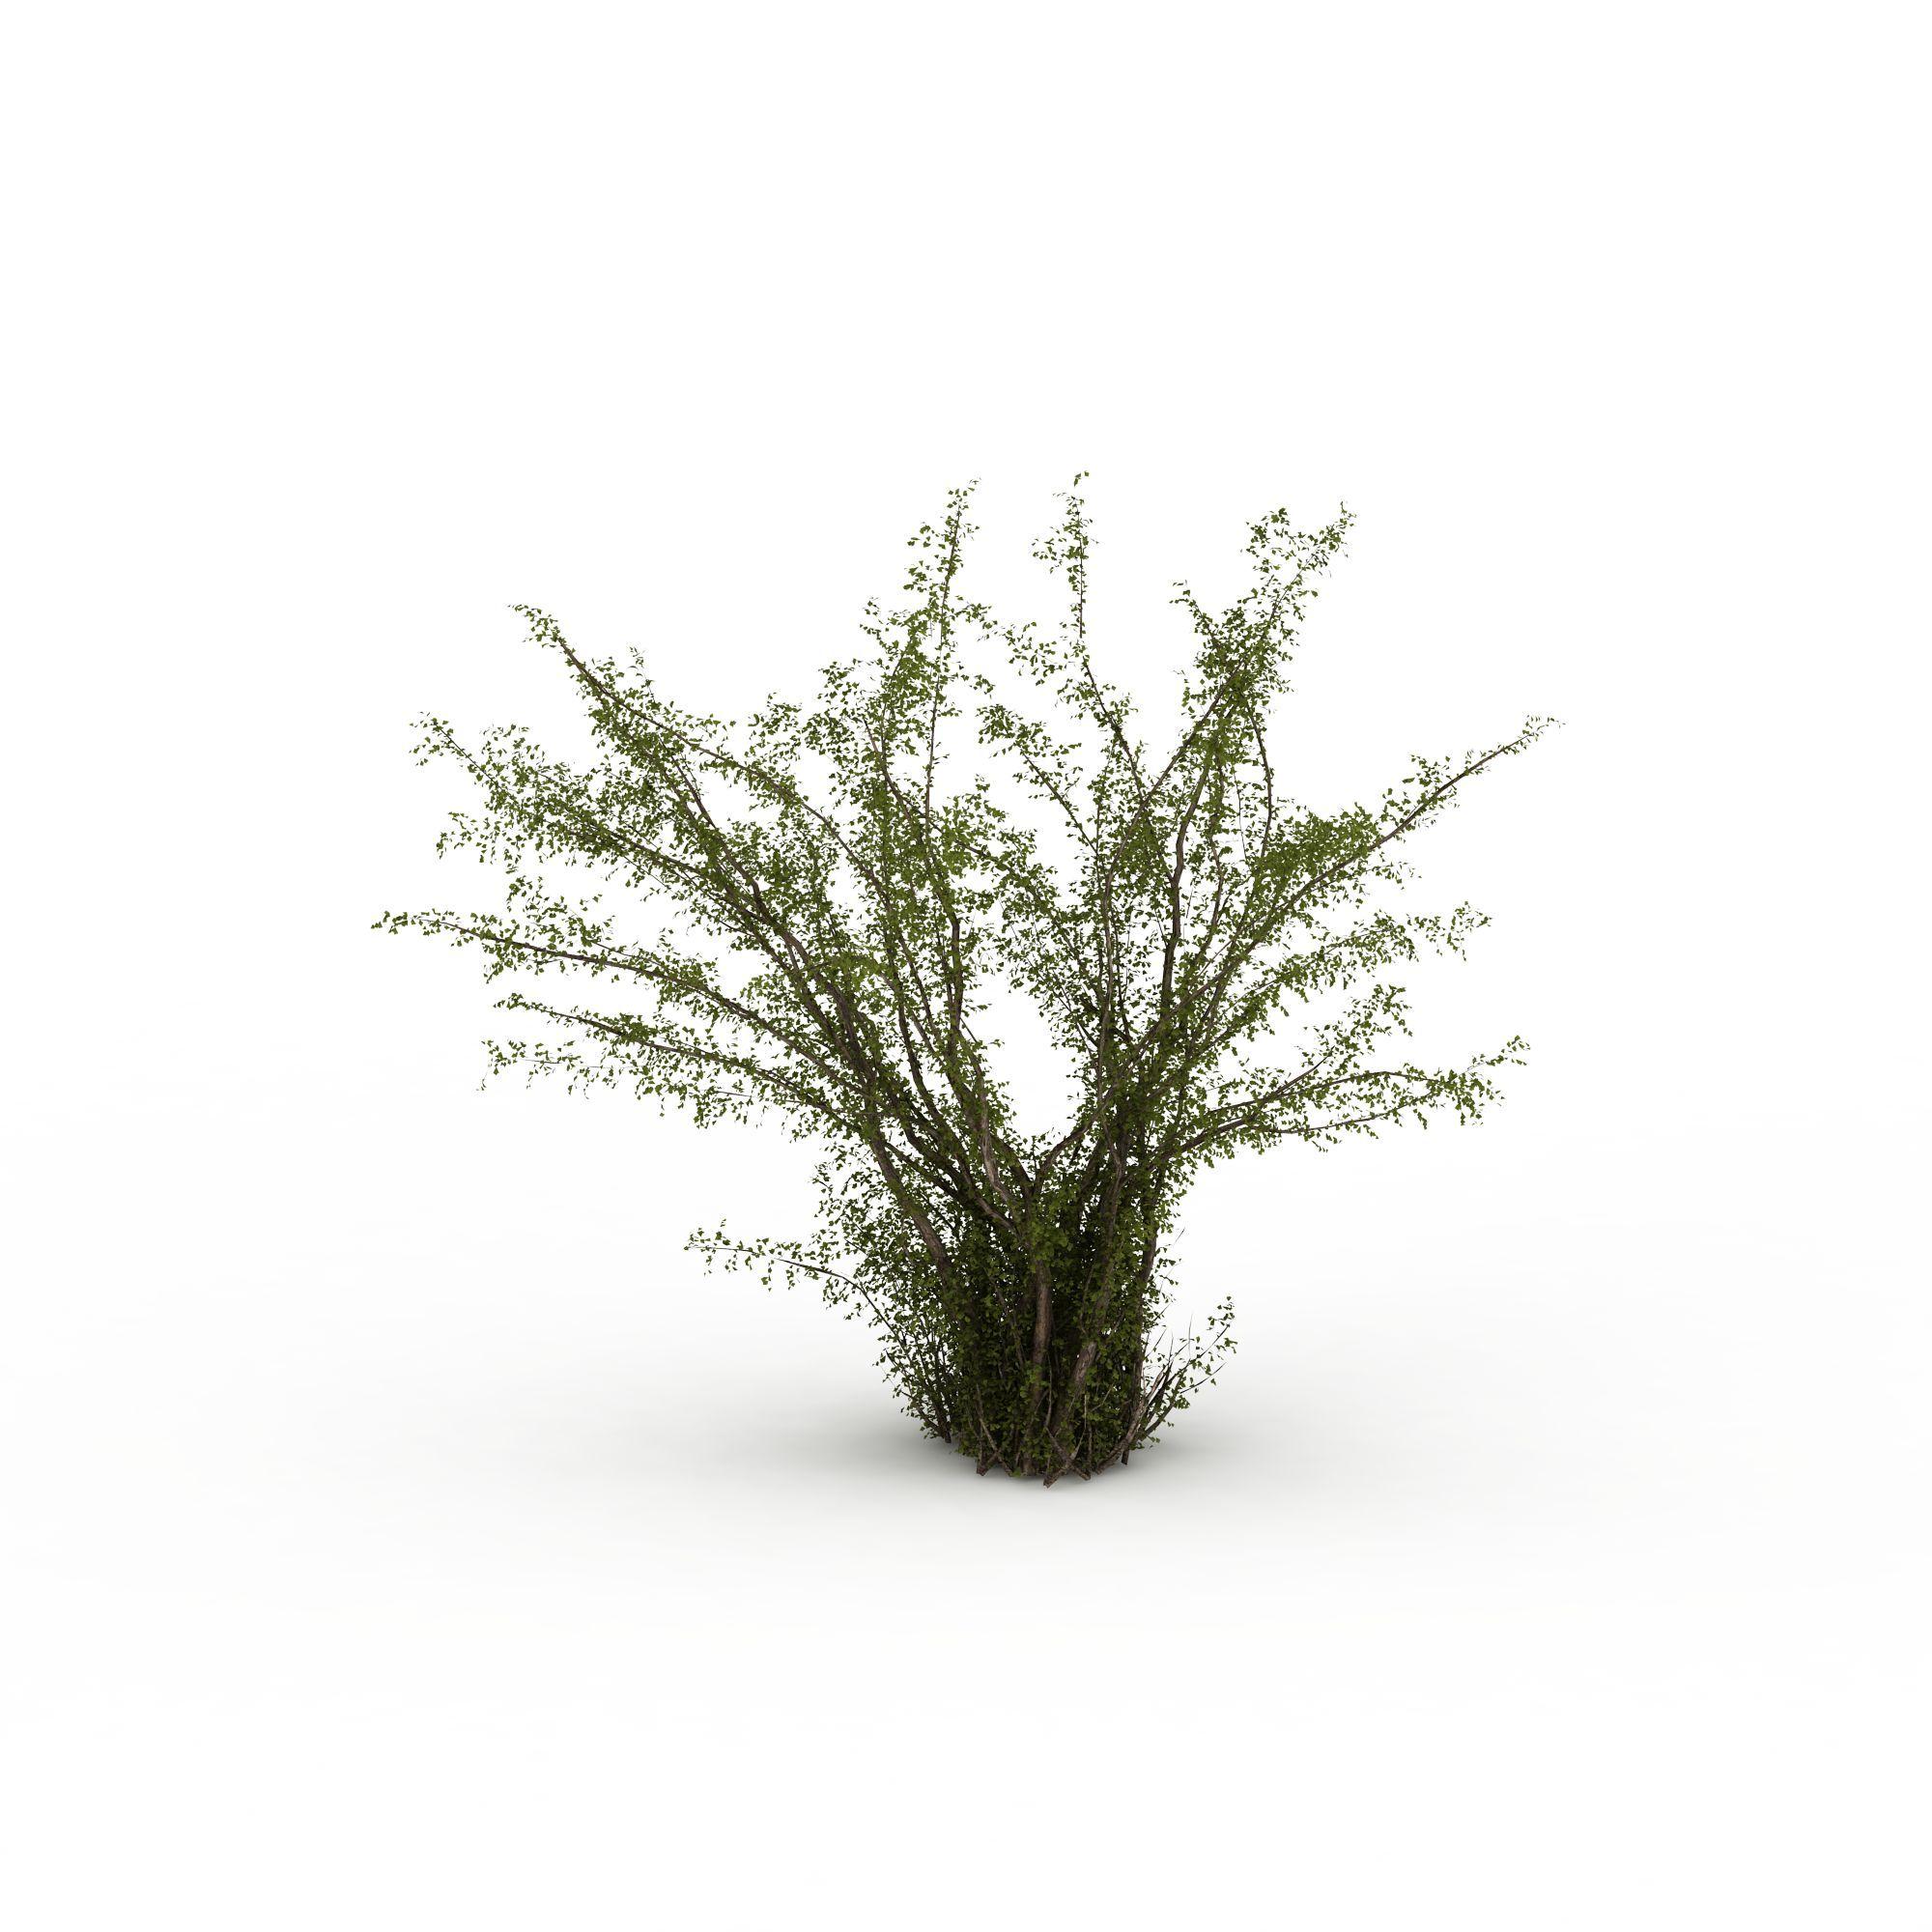 景观树图片_景观树png图片素材_景观树png高清图下载